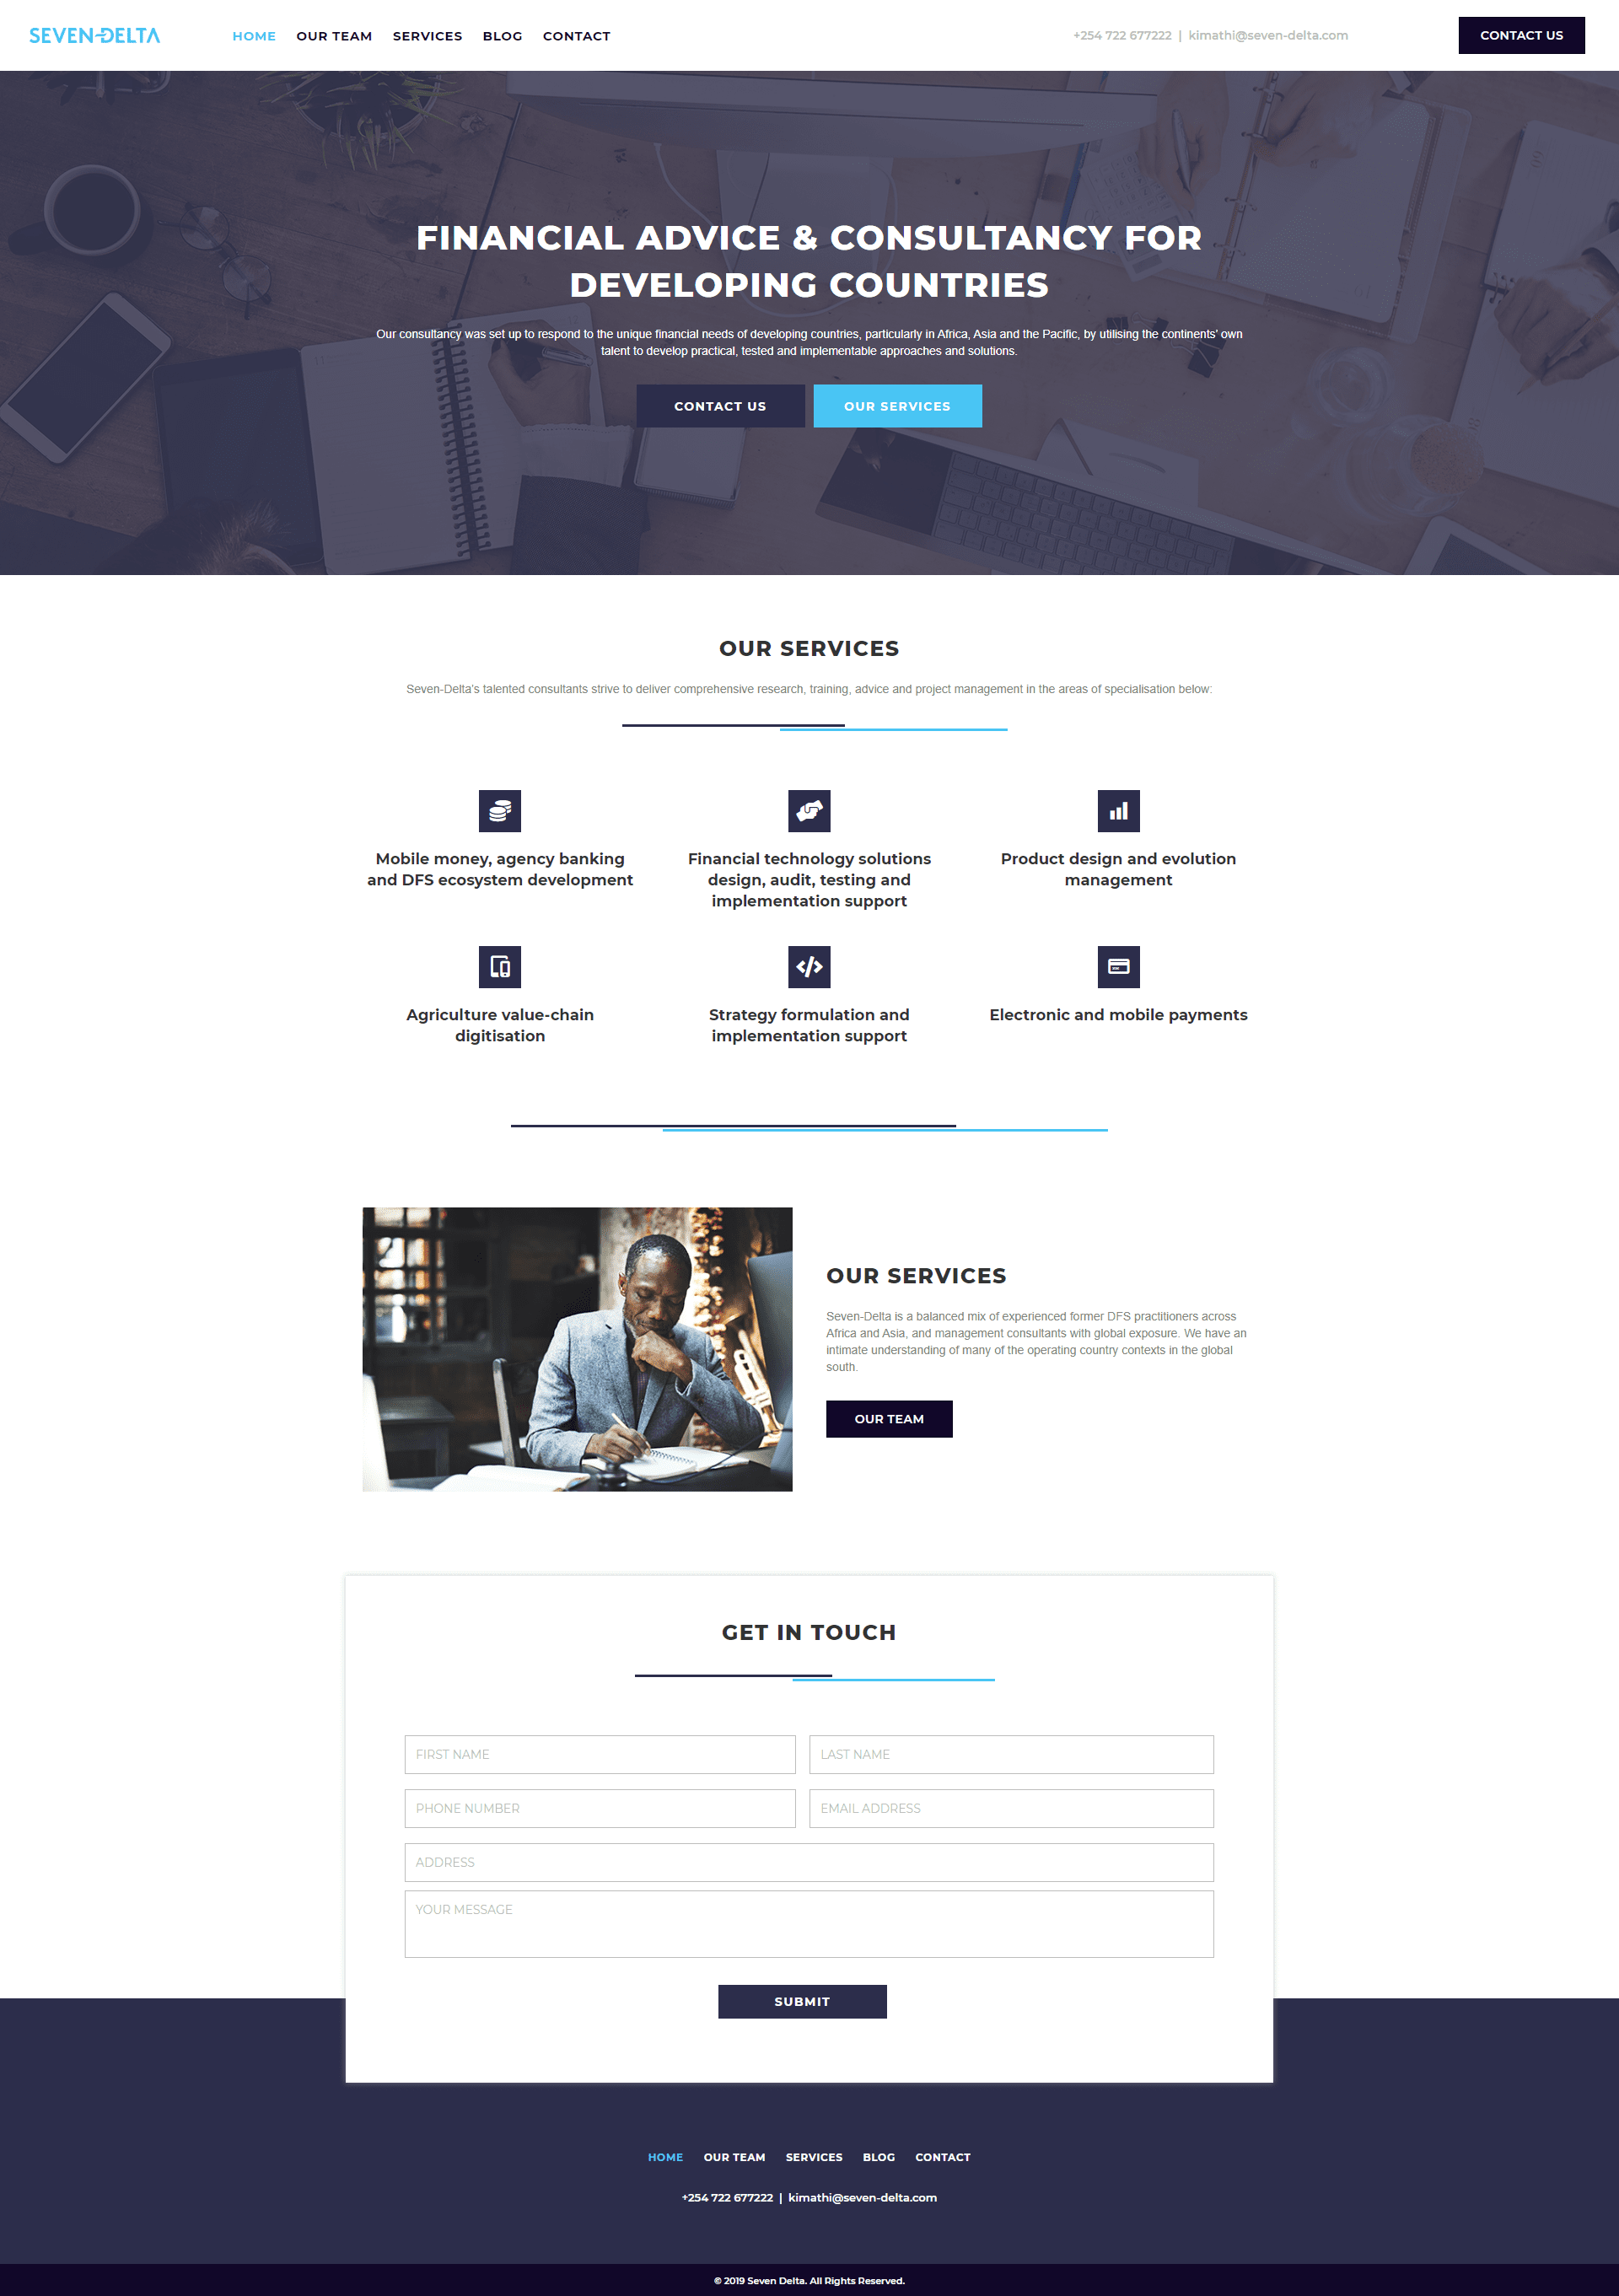 screencapture-Seven Delta-desktop